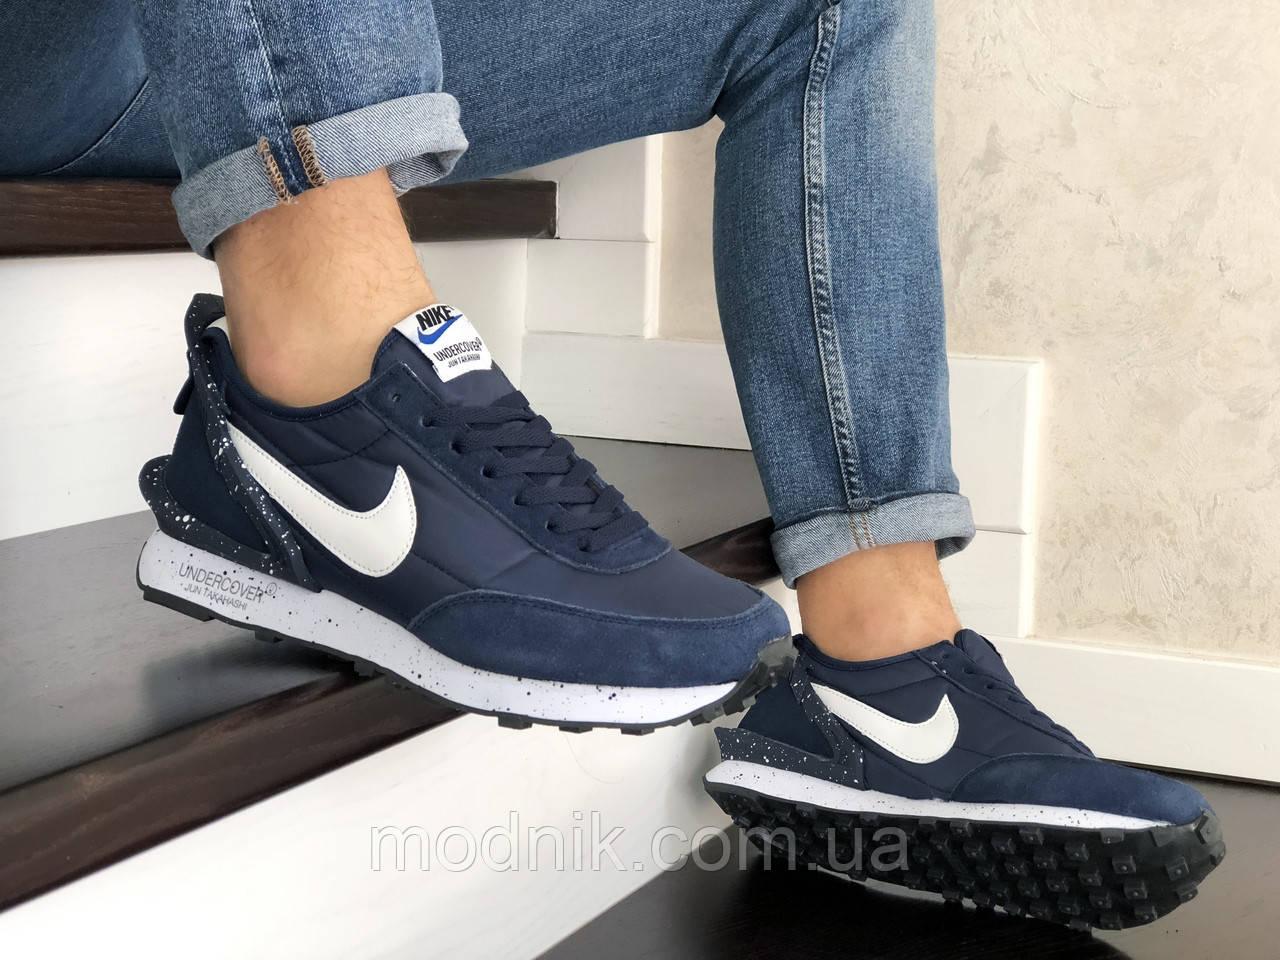 Мужские кроссовки Nike Undercover Jun Takahashi (темно-синие с белым) 9224